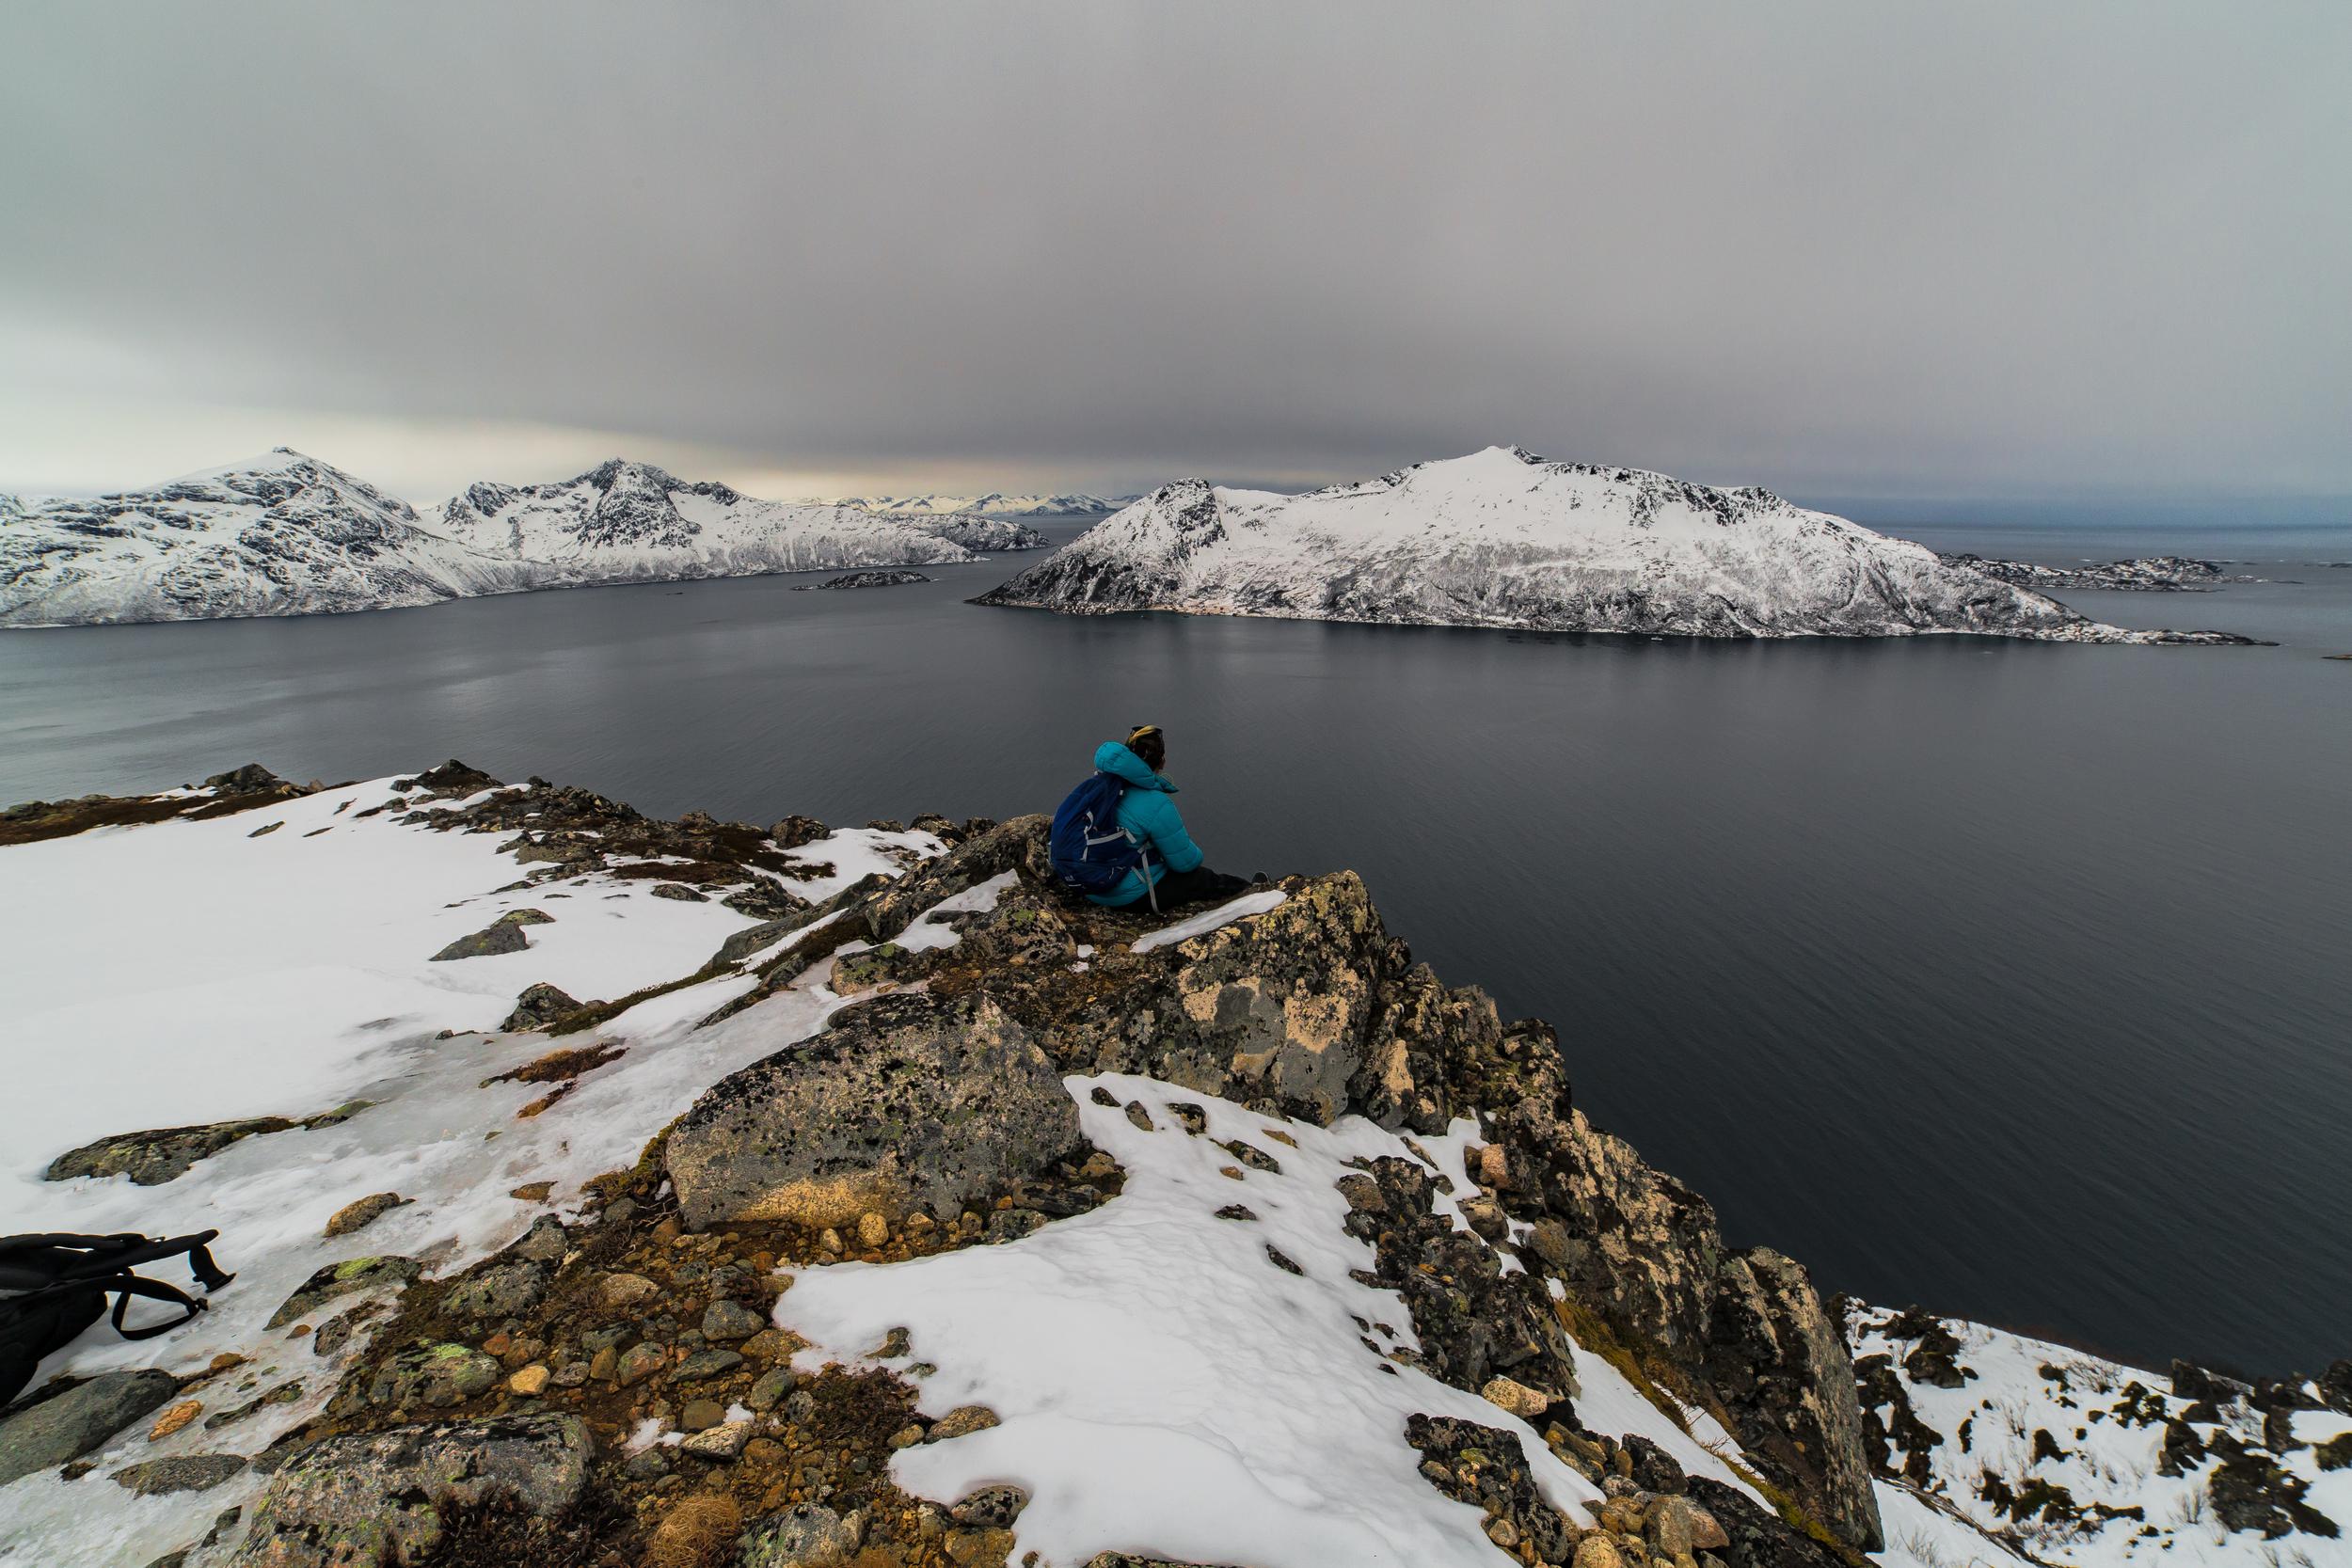 Photo by: Tim Morizet / Taken: Rekvik (Norway)